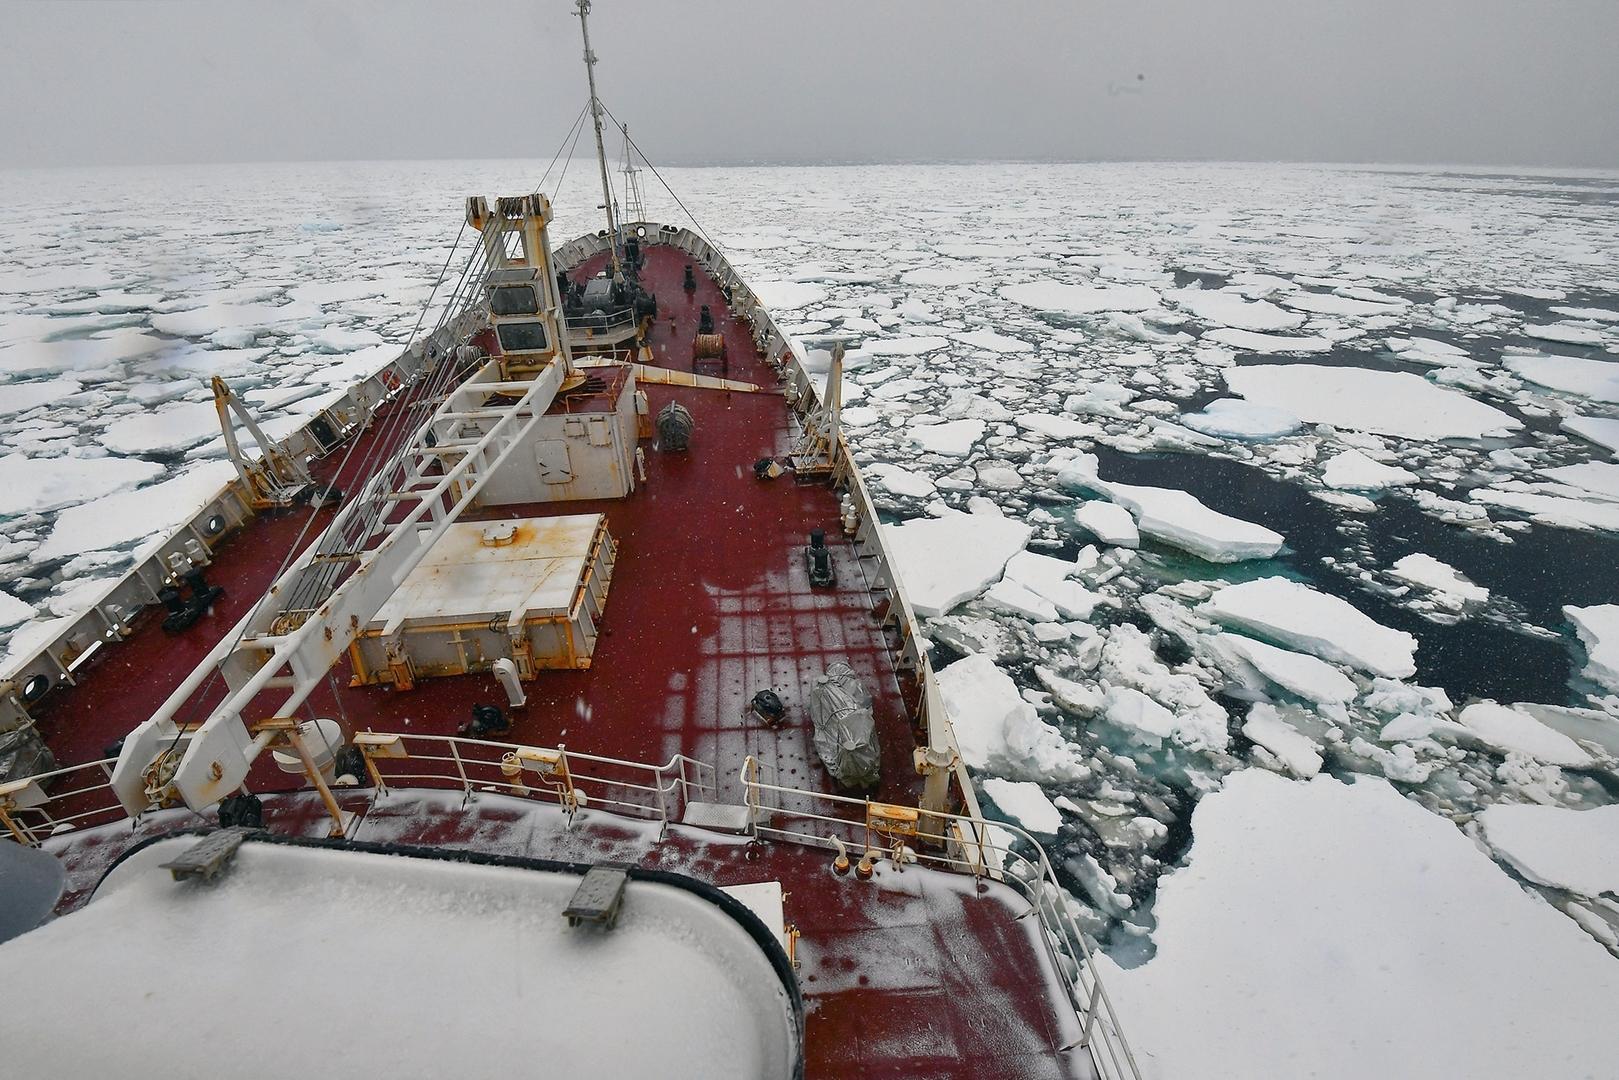 روسيا تعلن عن استراتيجية جديدة في أنتاركتيكا